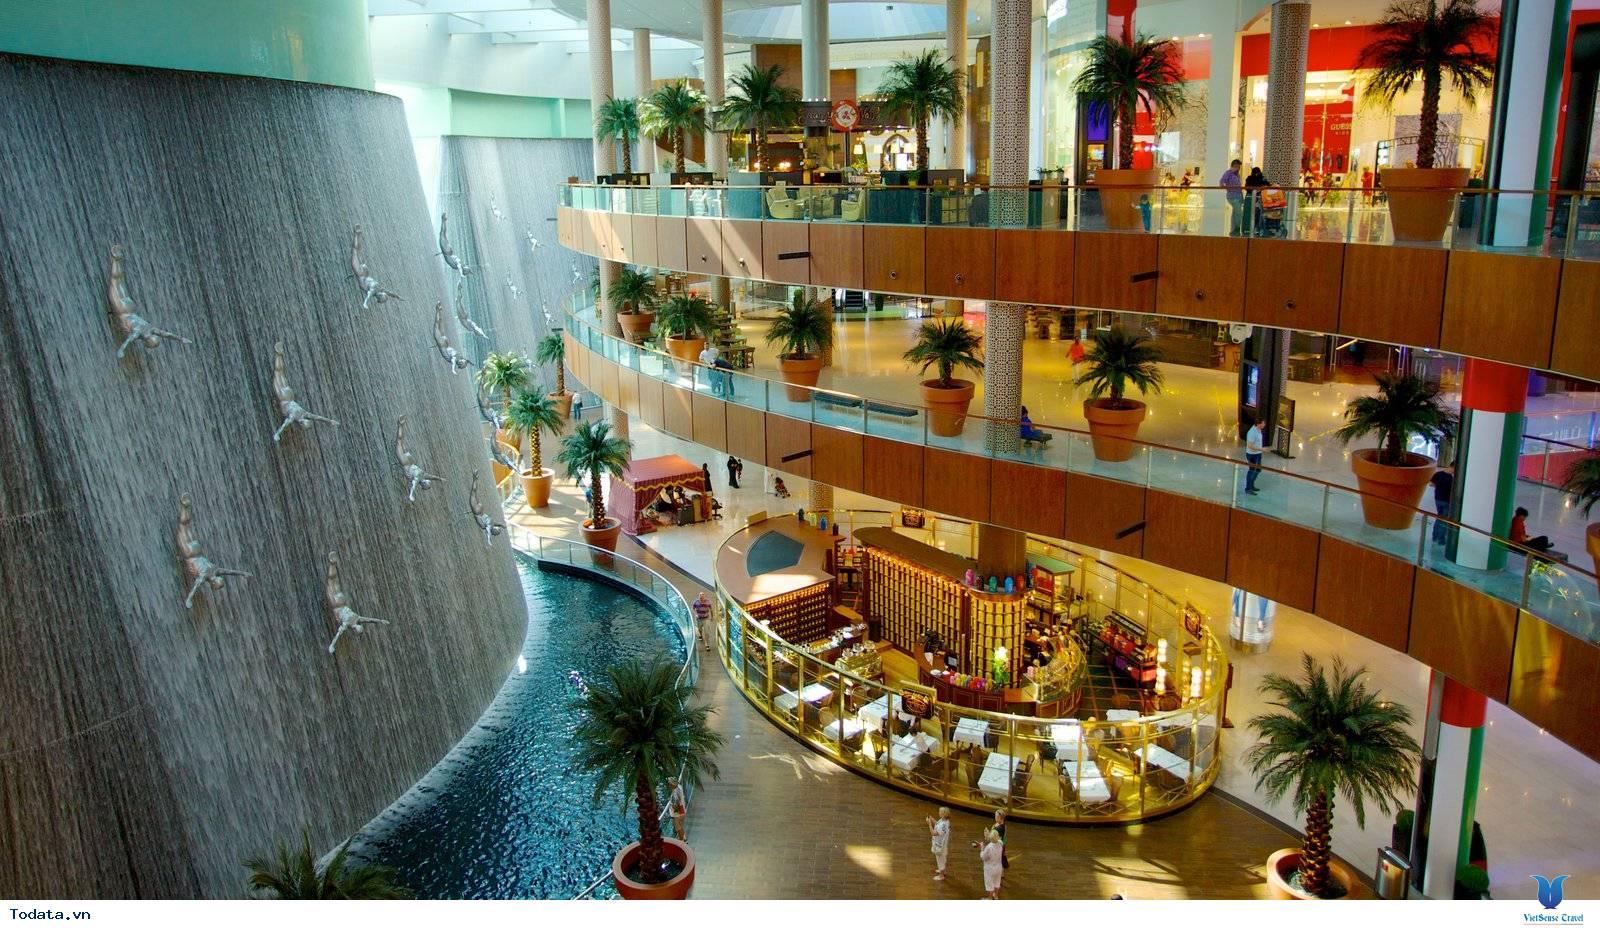 Khám Phá Trung Tâm Mua Sắm Lớn Nhất Thế Giới Dubai Mall - Ảnh 5